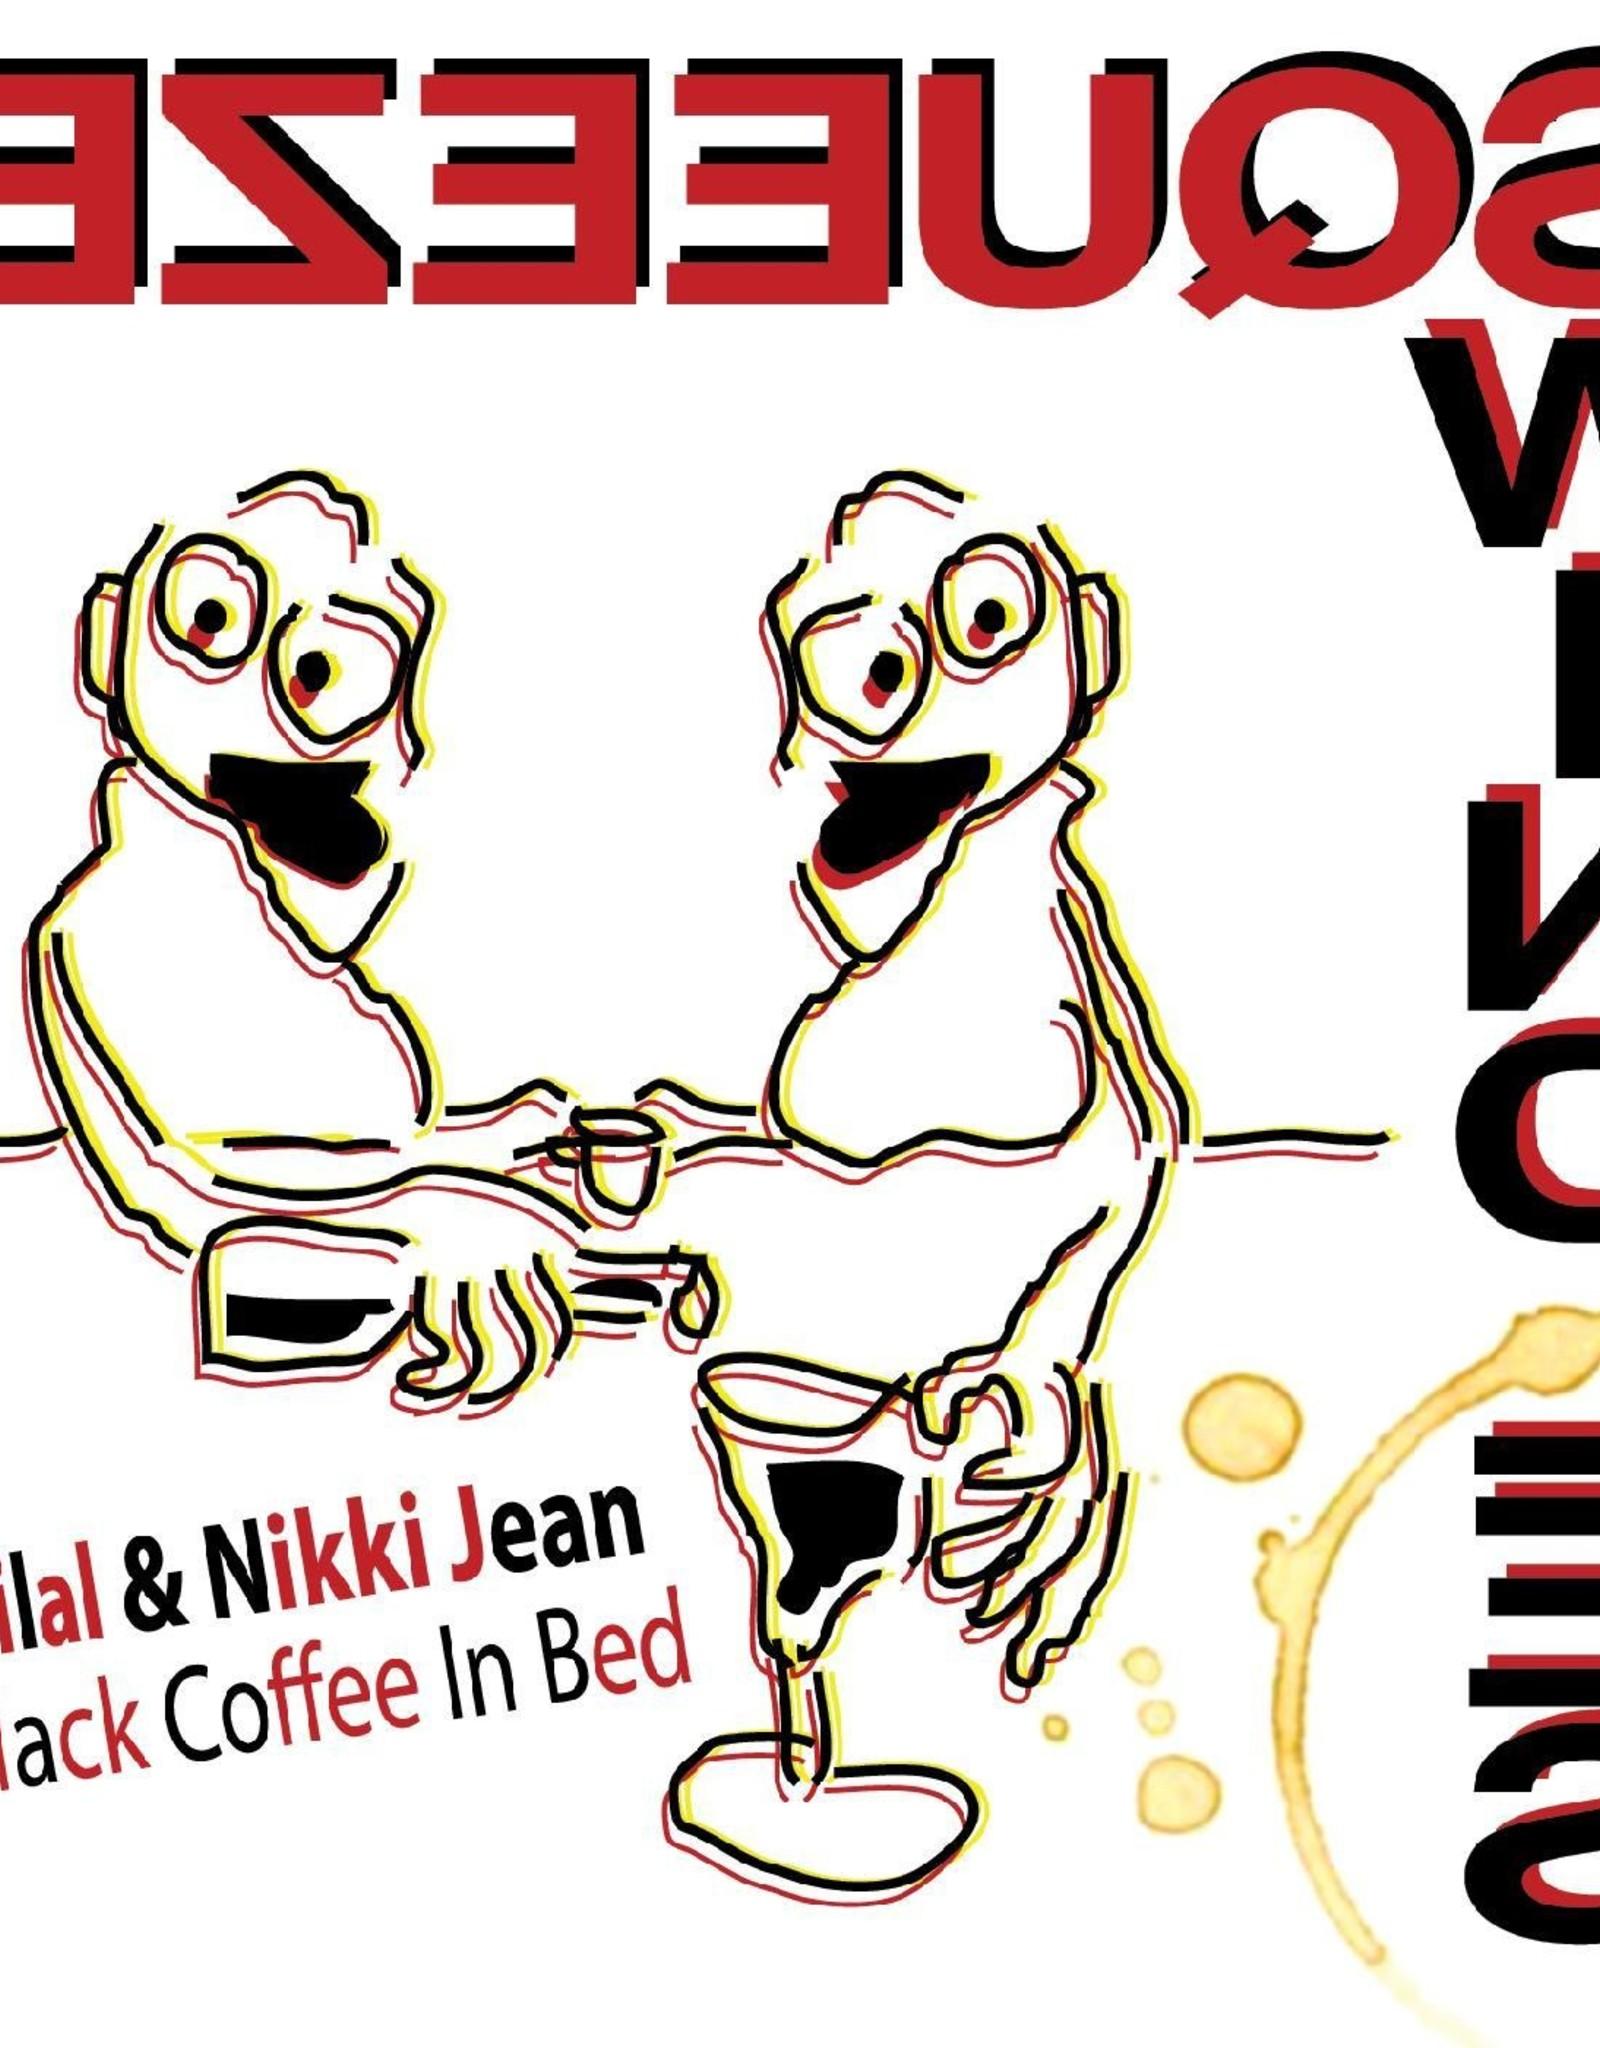 Bilal & Nikki Jean - Black Coffee in Bed(RSD 2020 BF)